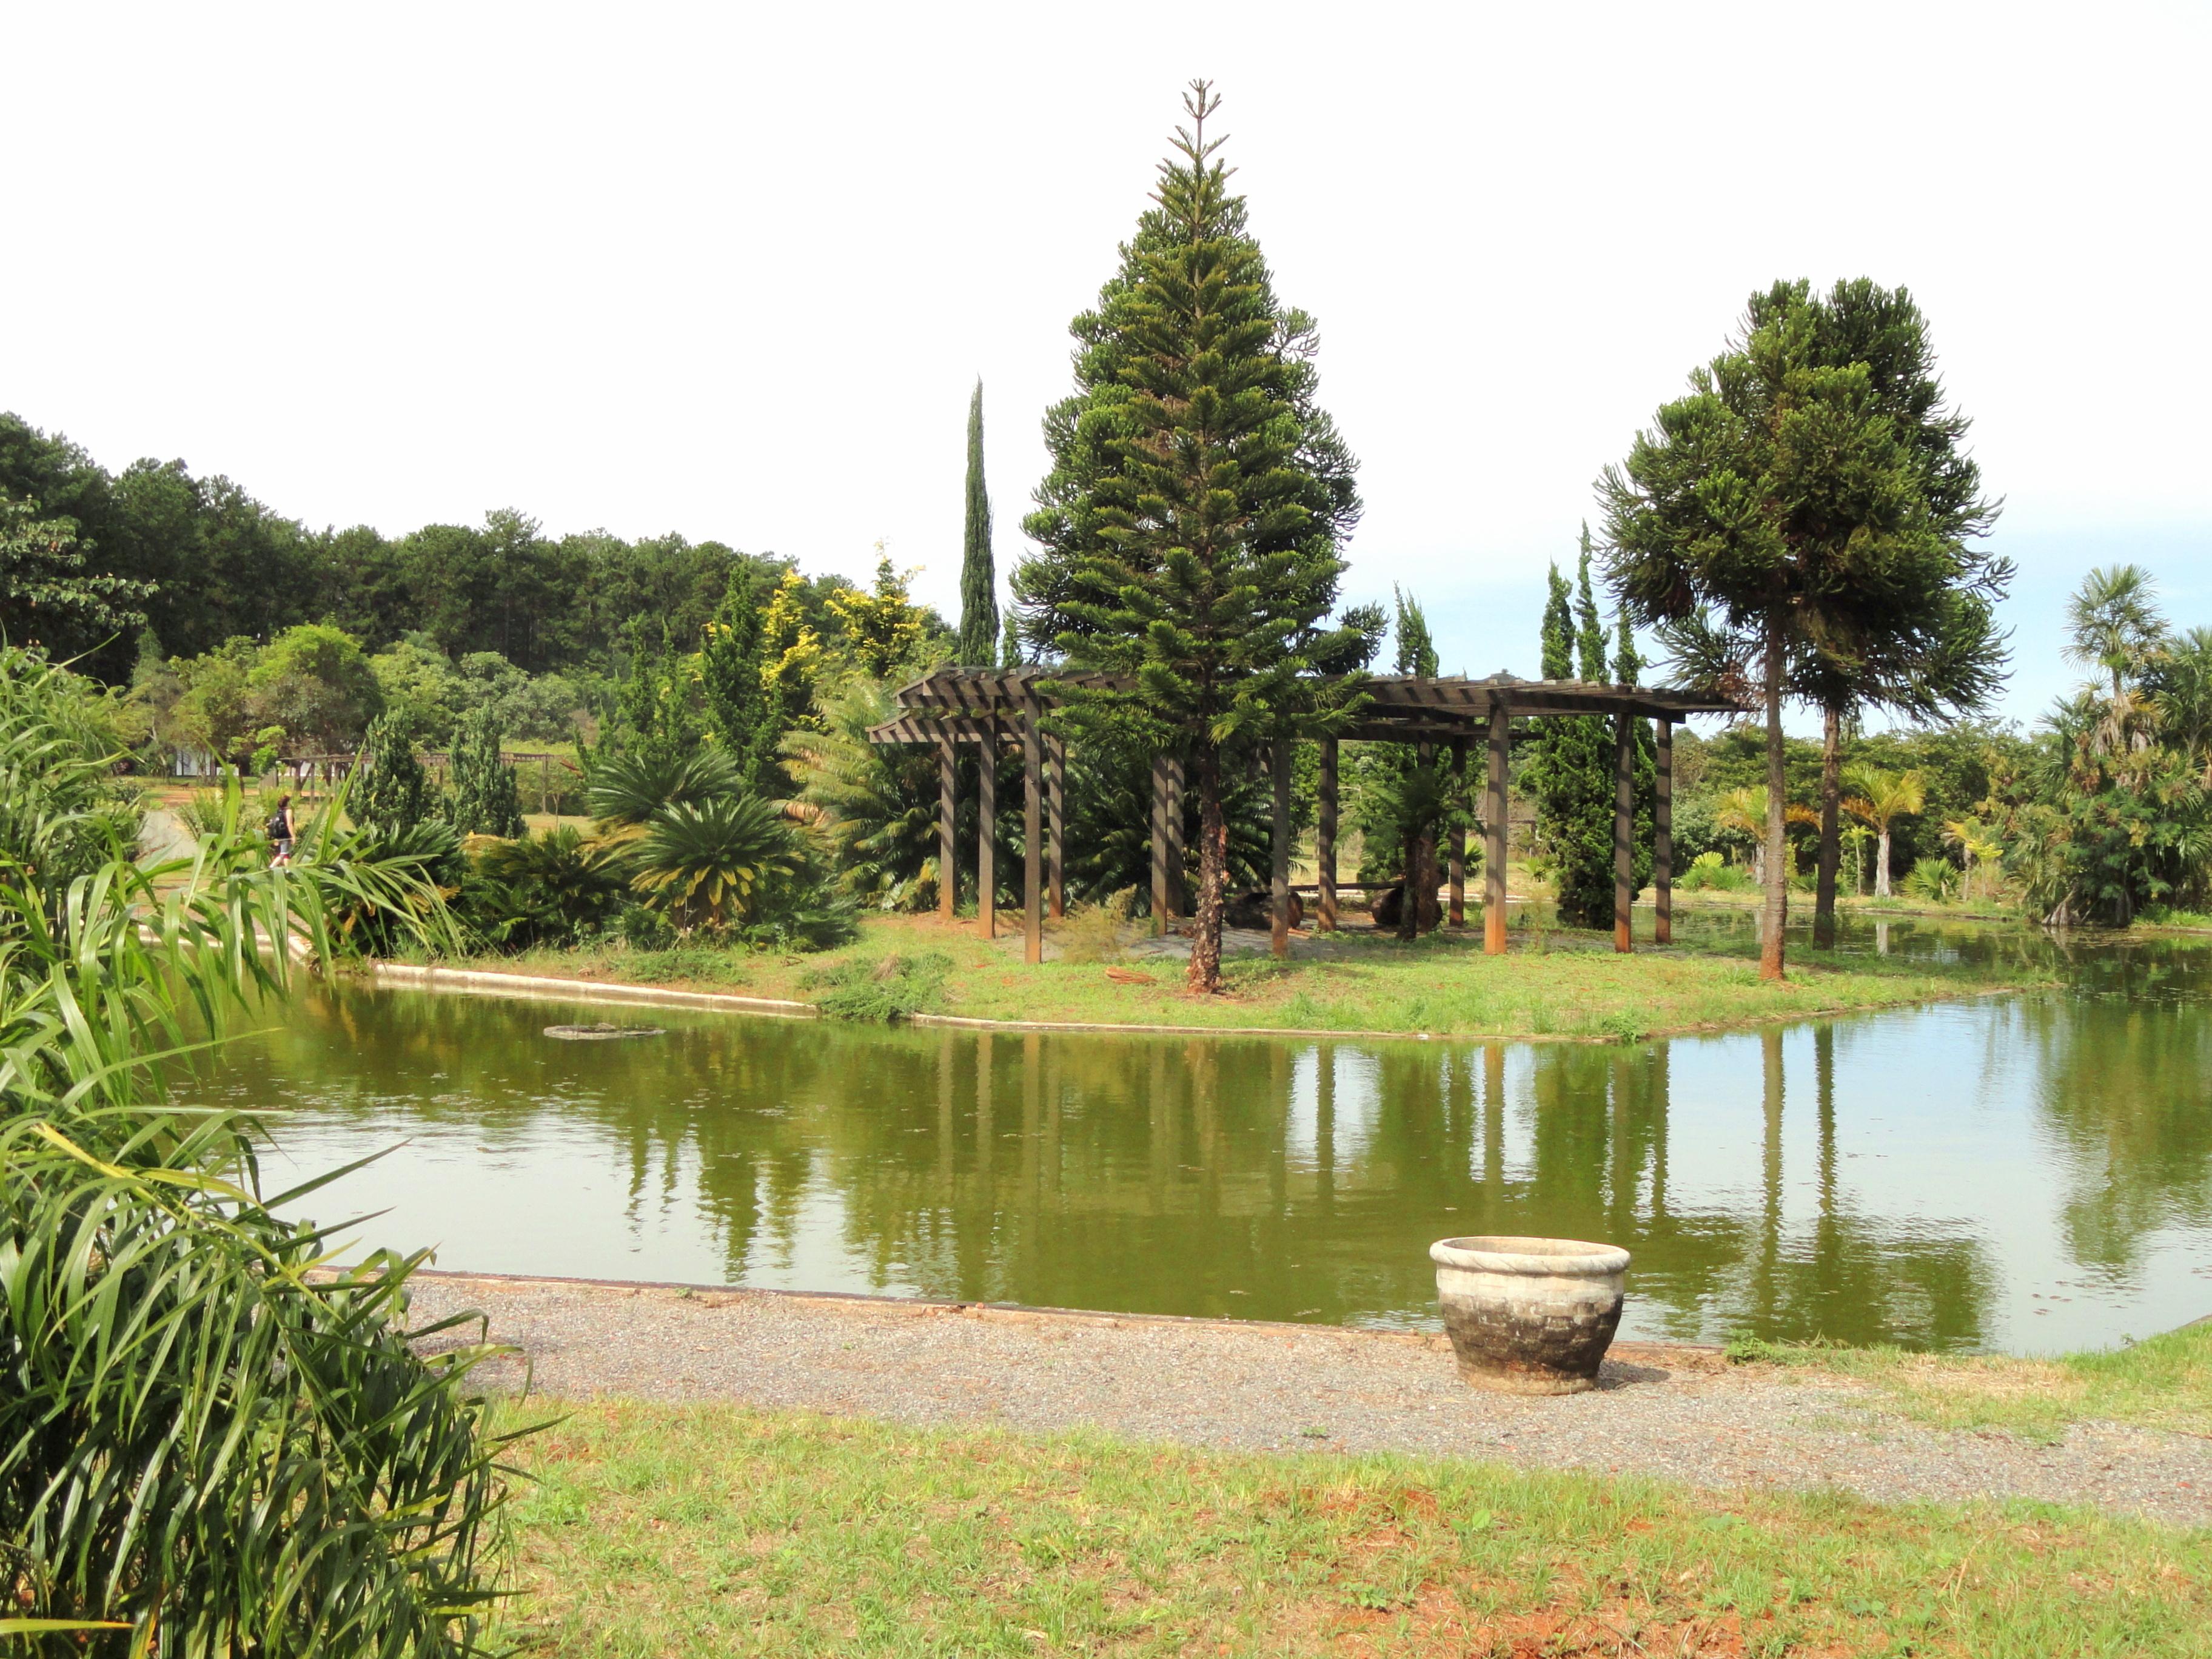 FilePond  Jardim Botânico de Brasília  DSC09727JPG  Wikimedia